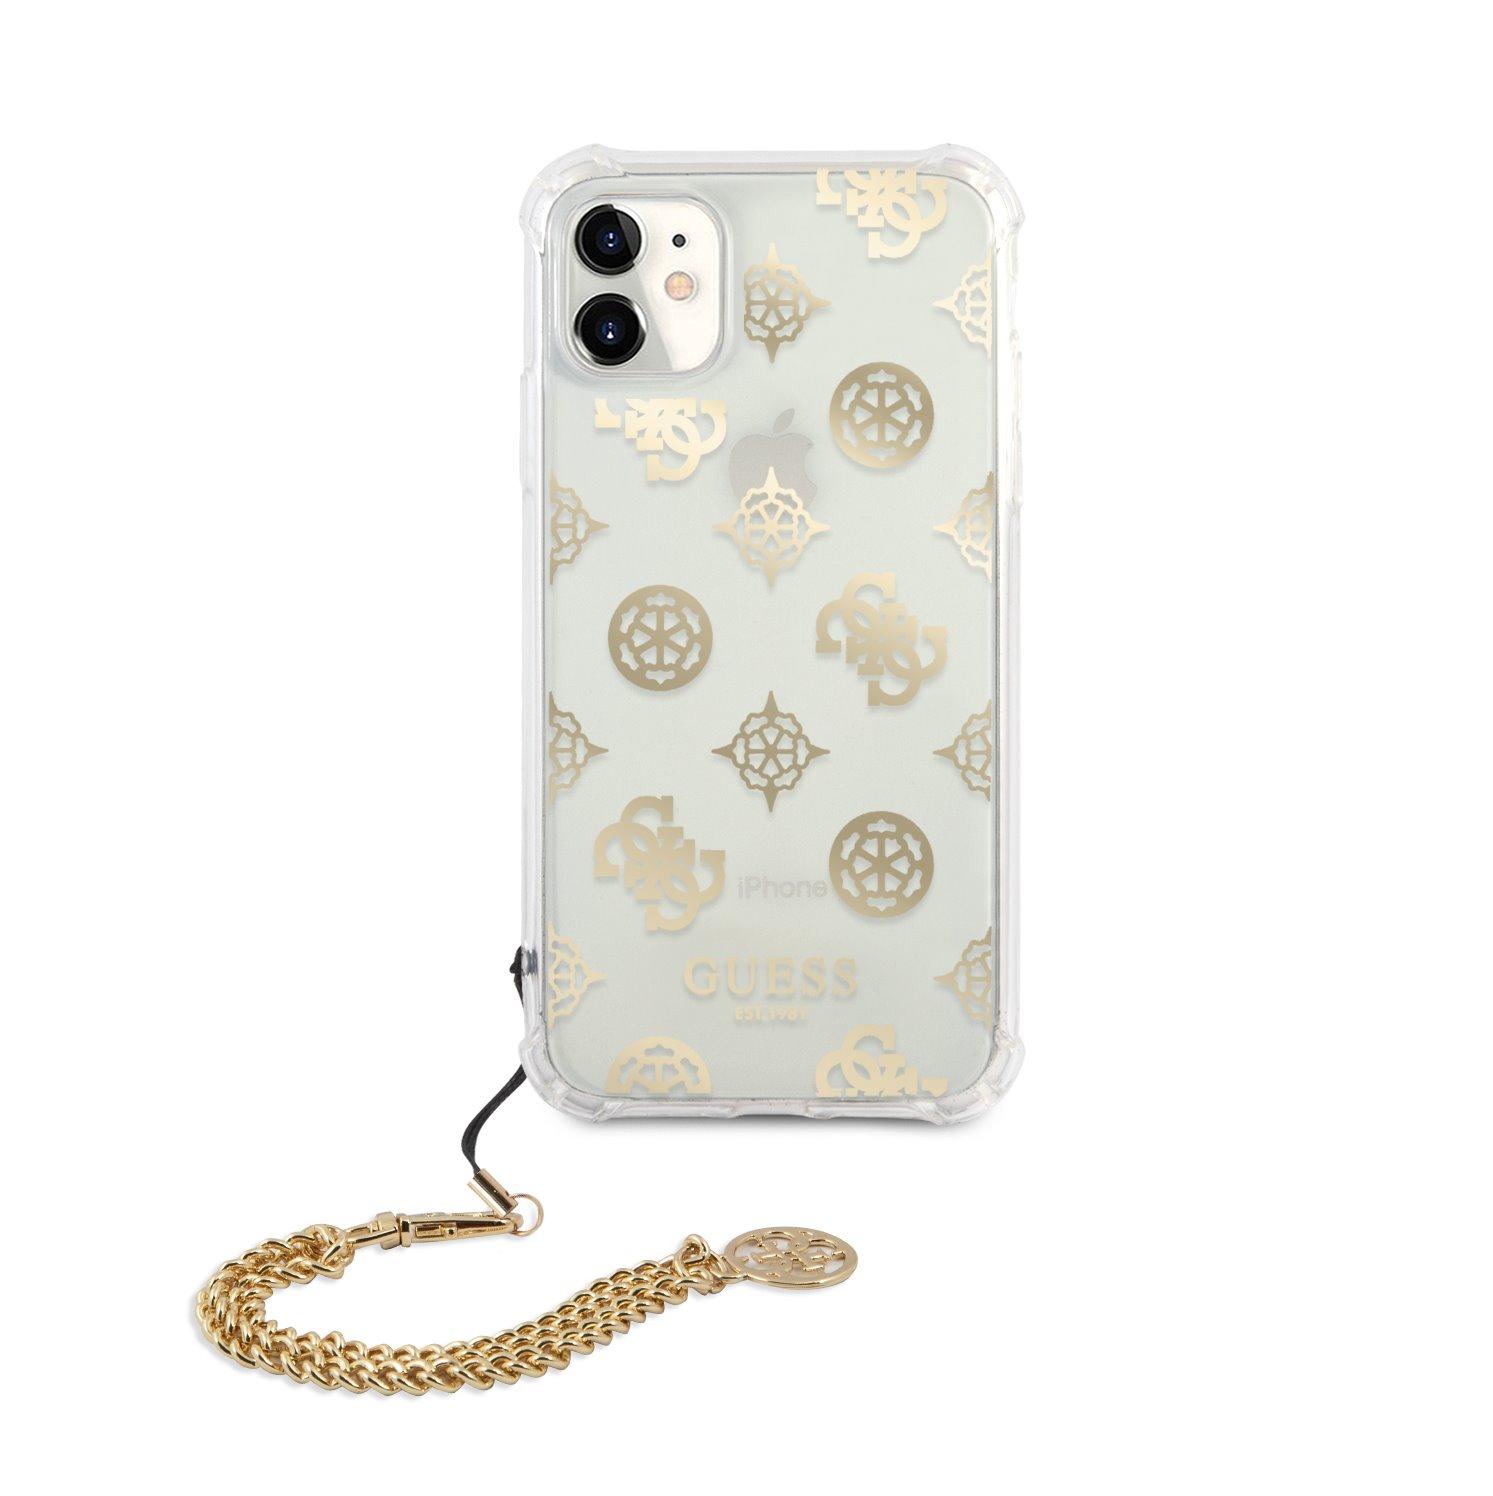 GUHCN61KSPEGO Guess PC Chain Peony Zadní Kryt pro iPhone 11 Gold 3666339005764